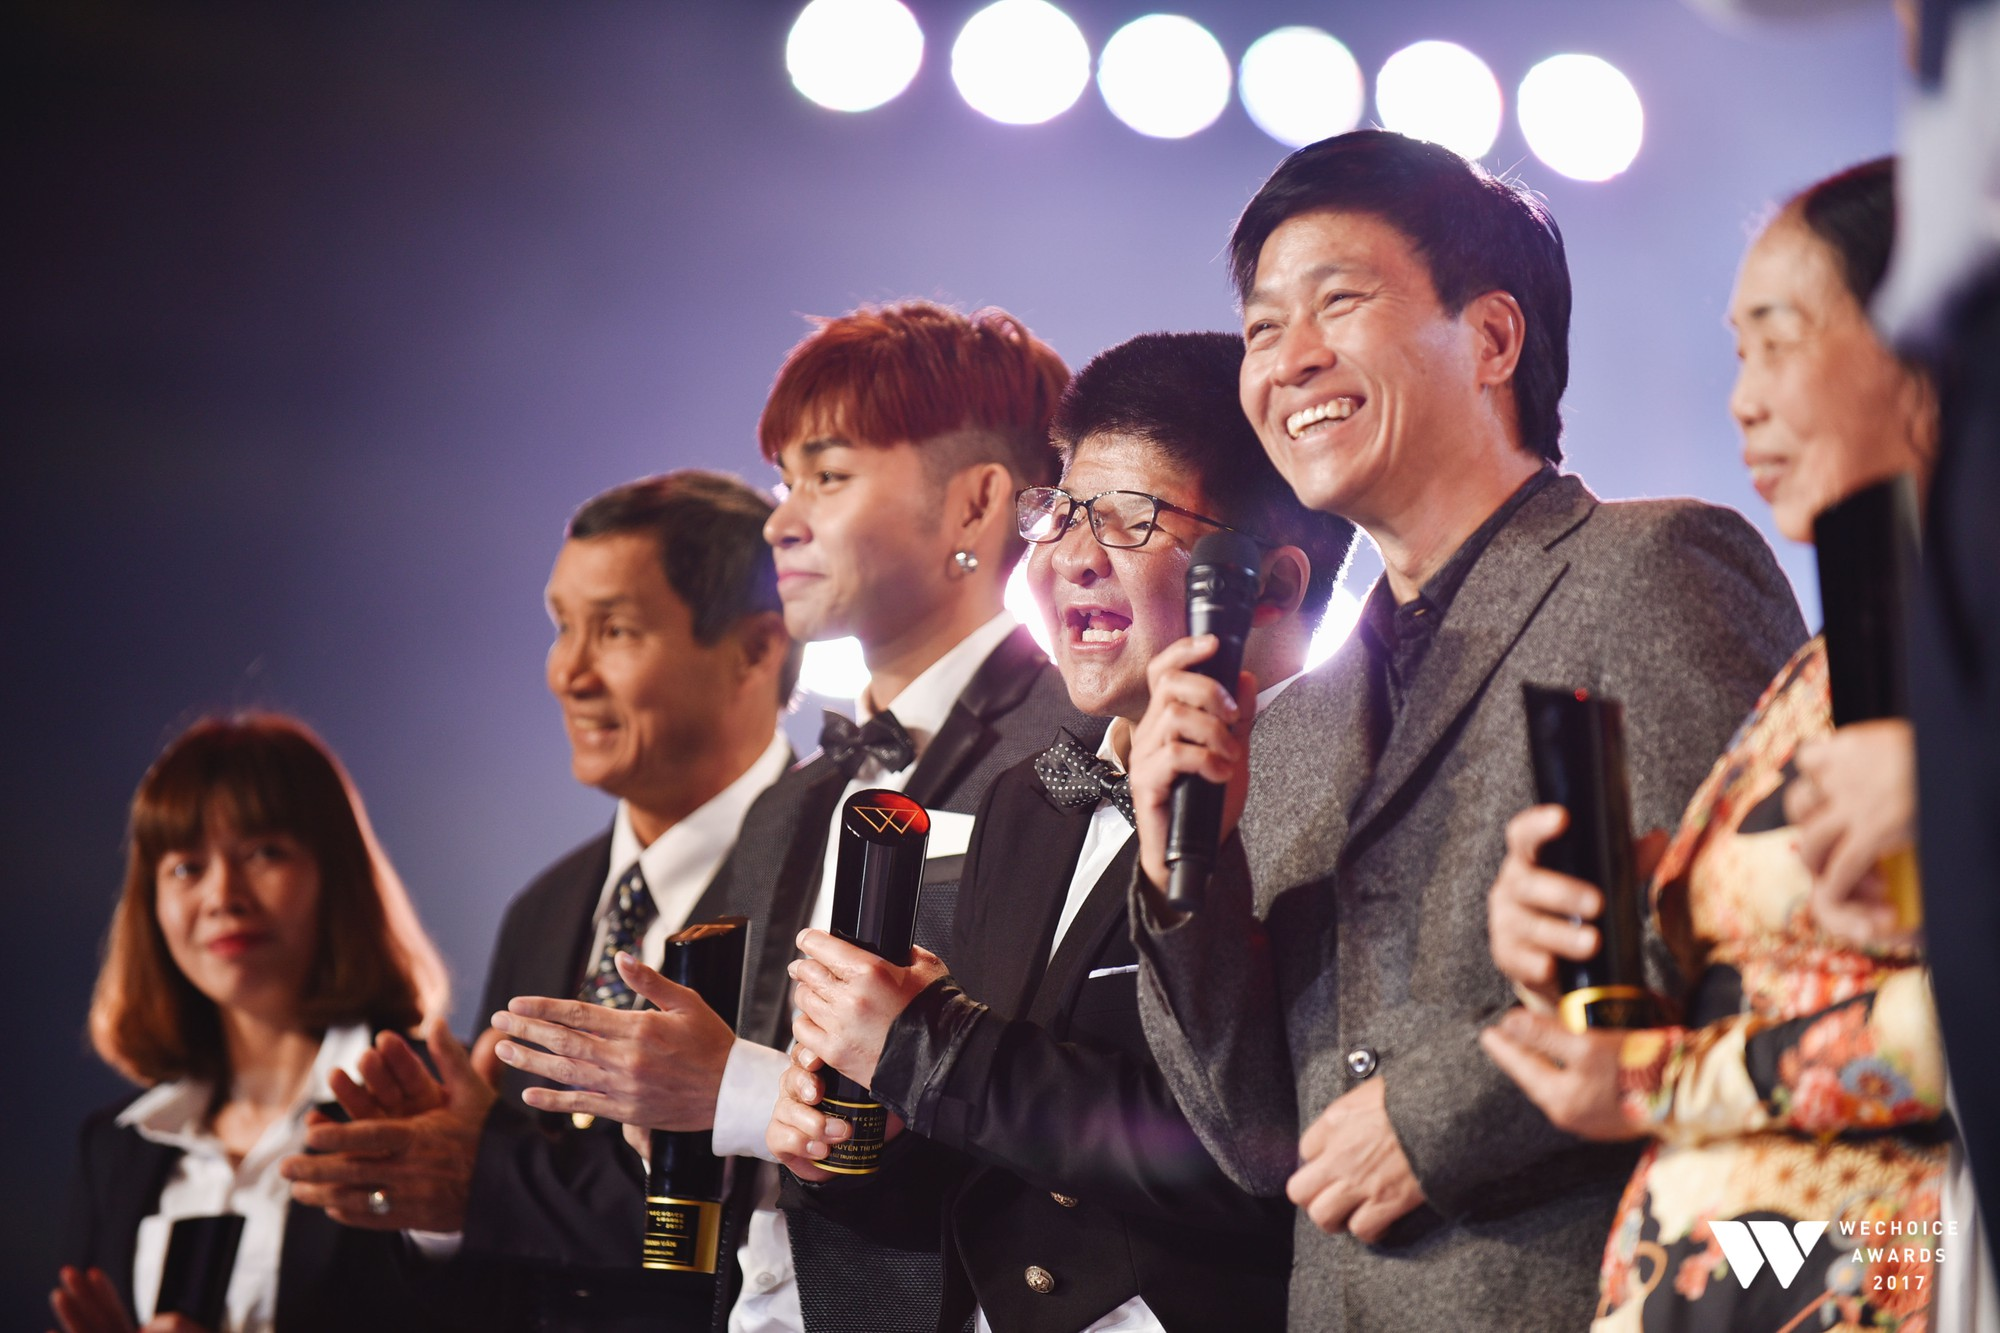 Khoảnh khắc WeChoice Awards: Đẹp nhất là khi Sơn Tùng, bé Bôm và các nghệ sĩ Việt cùng chậm lại trong dòng cảm xúc vỡ òa - Ảnh 36.